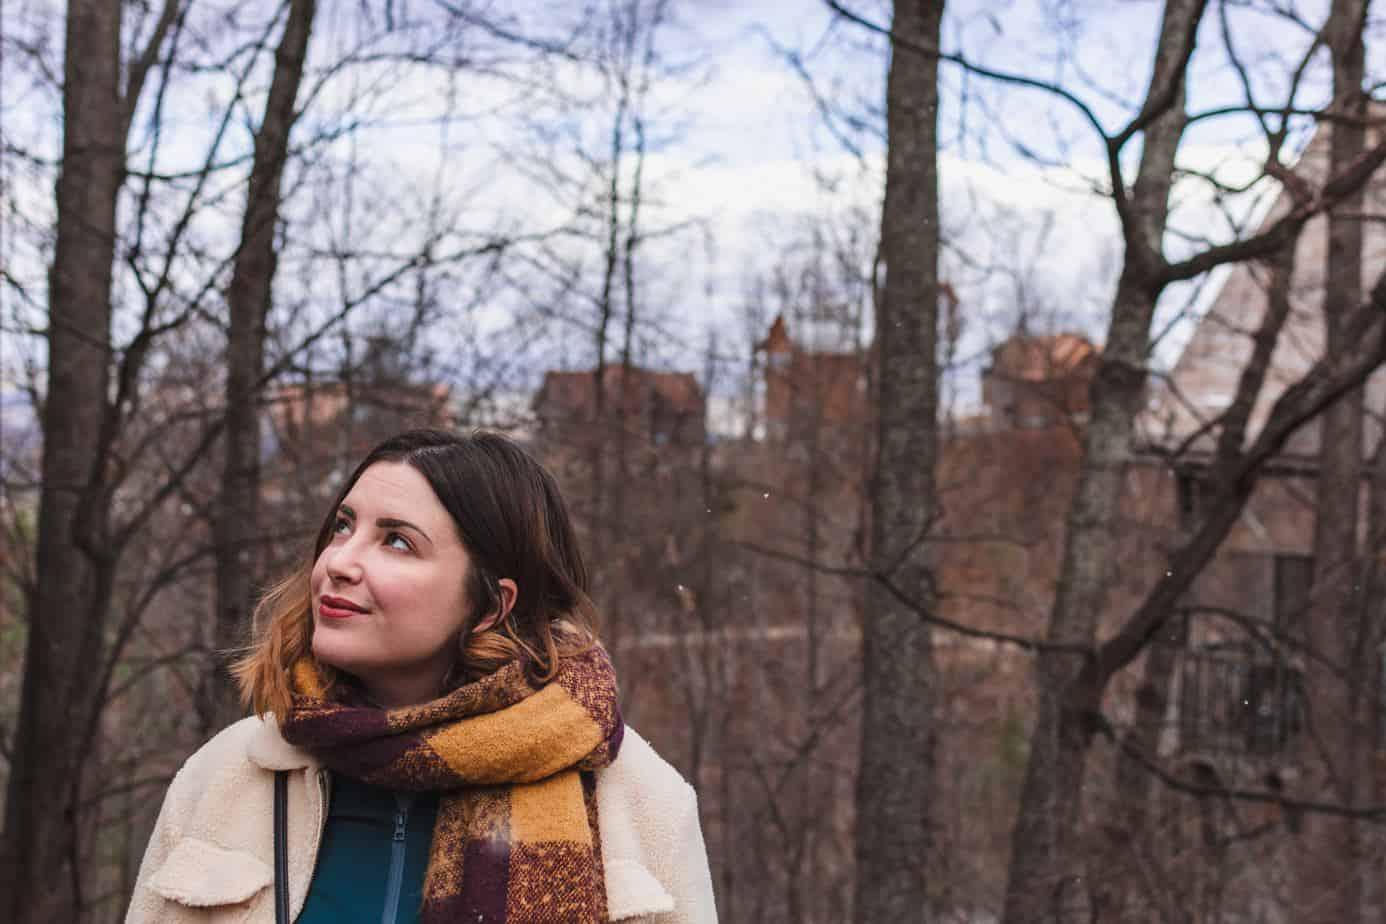 Women's winter wardrobe essentials - Scarves